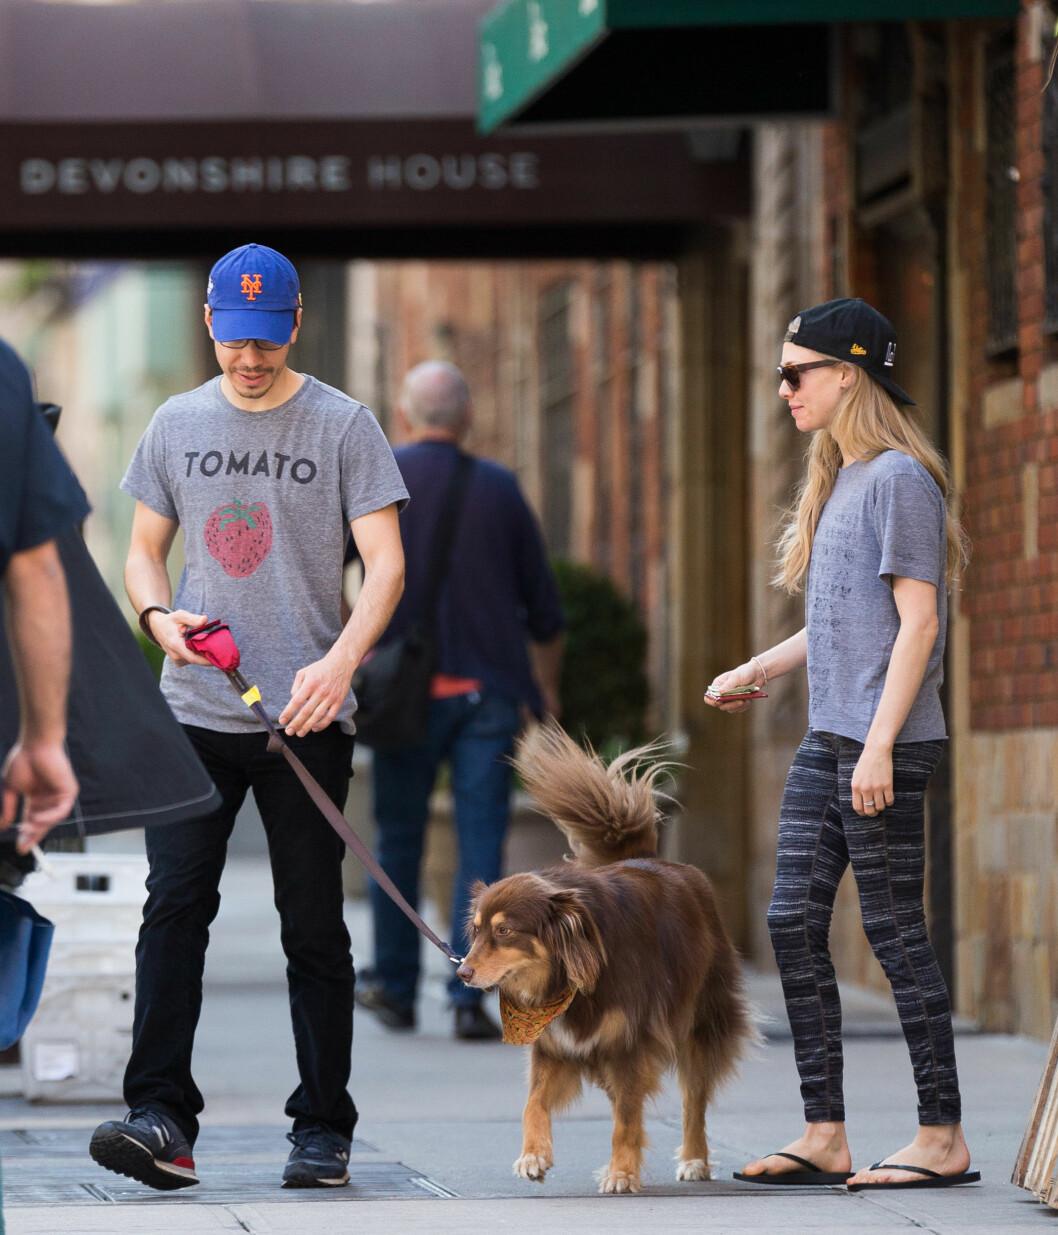 LAV PROFIL: Både Justin Long og Amanda Seyfried setter pris på en jordnær livsstil. Her er de to på tur med Seyfrieds hund, Finn, i New York i april.  Foto: Splash News